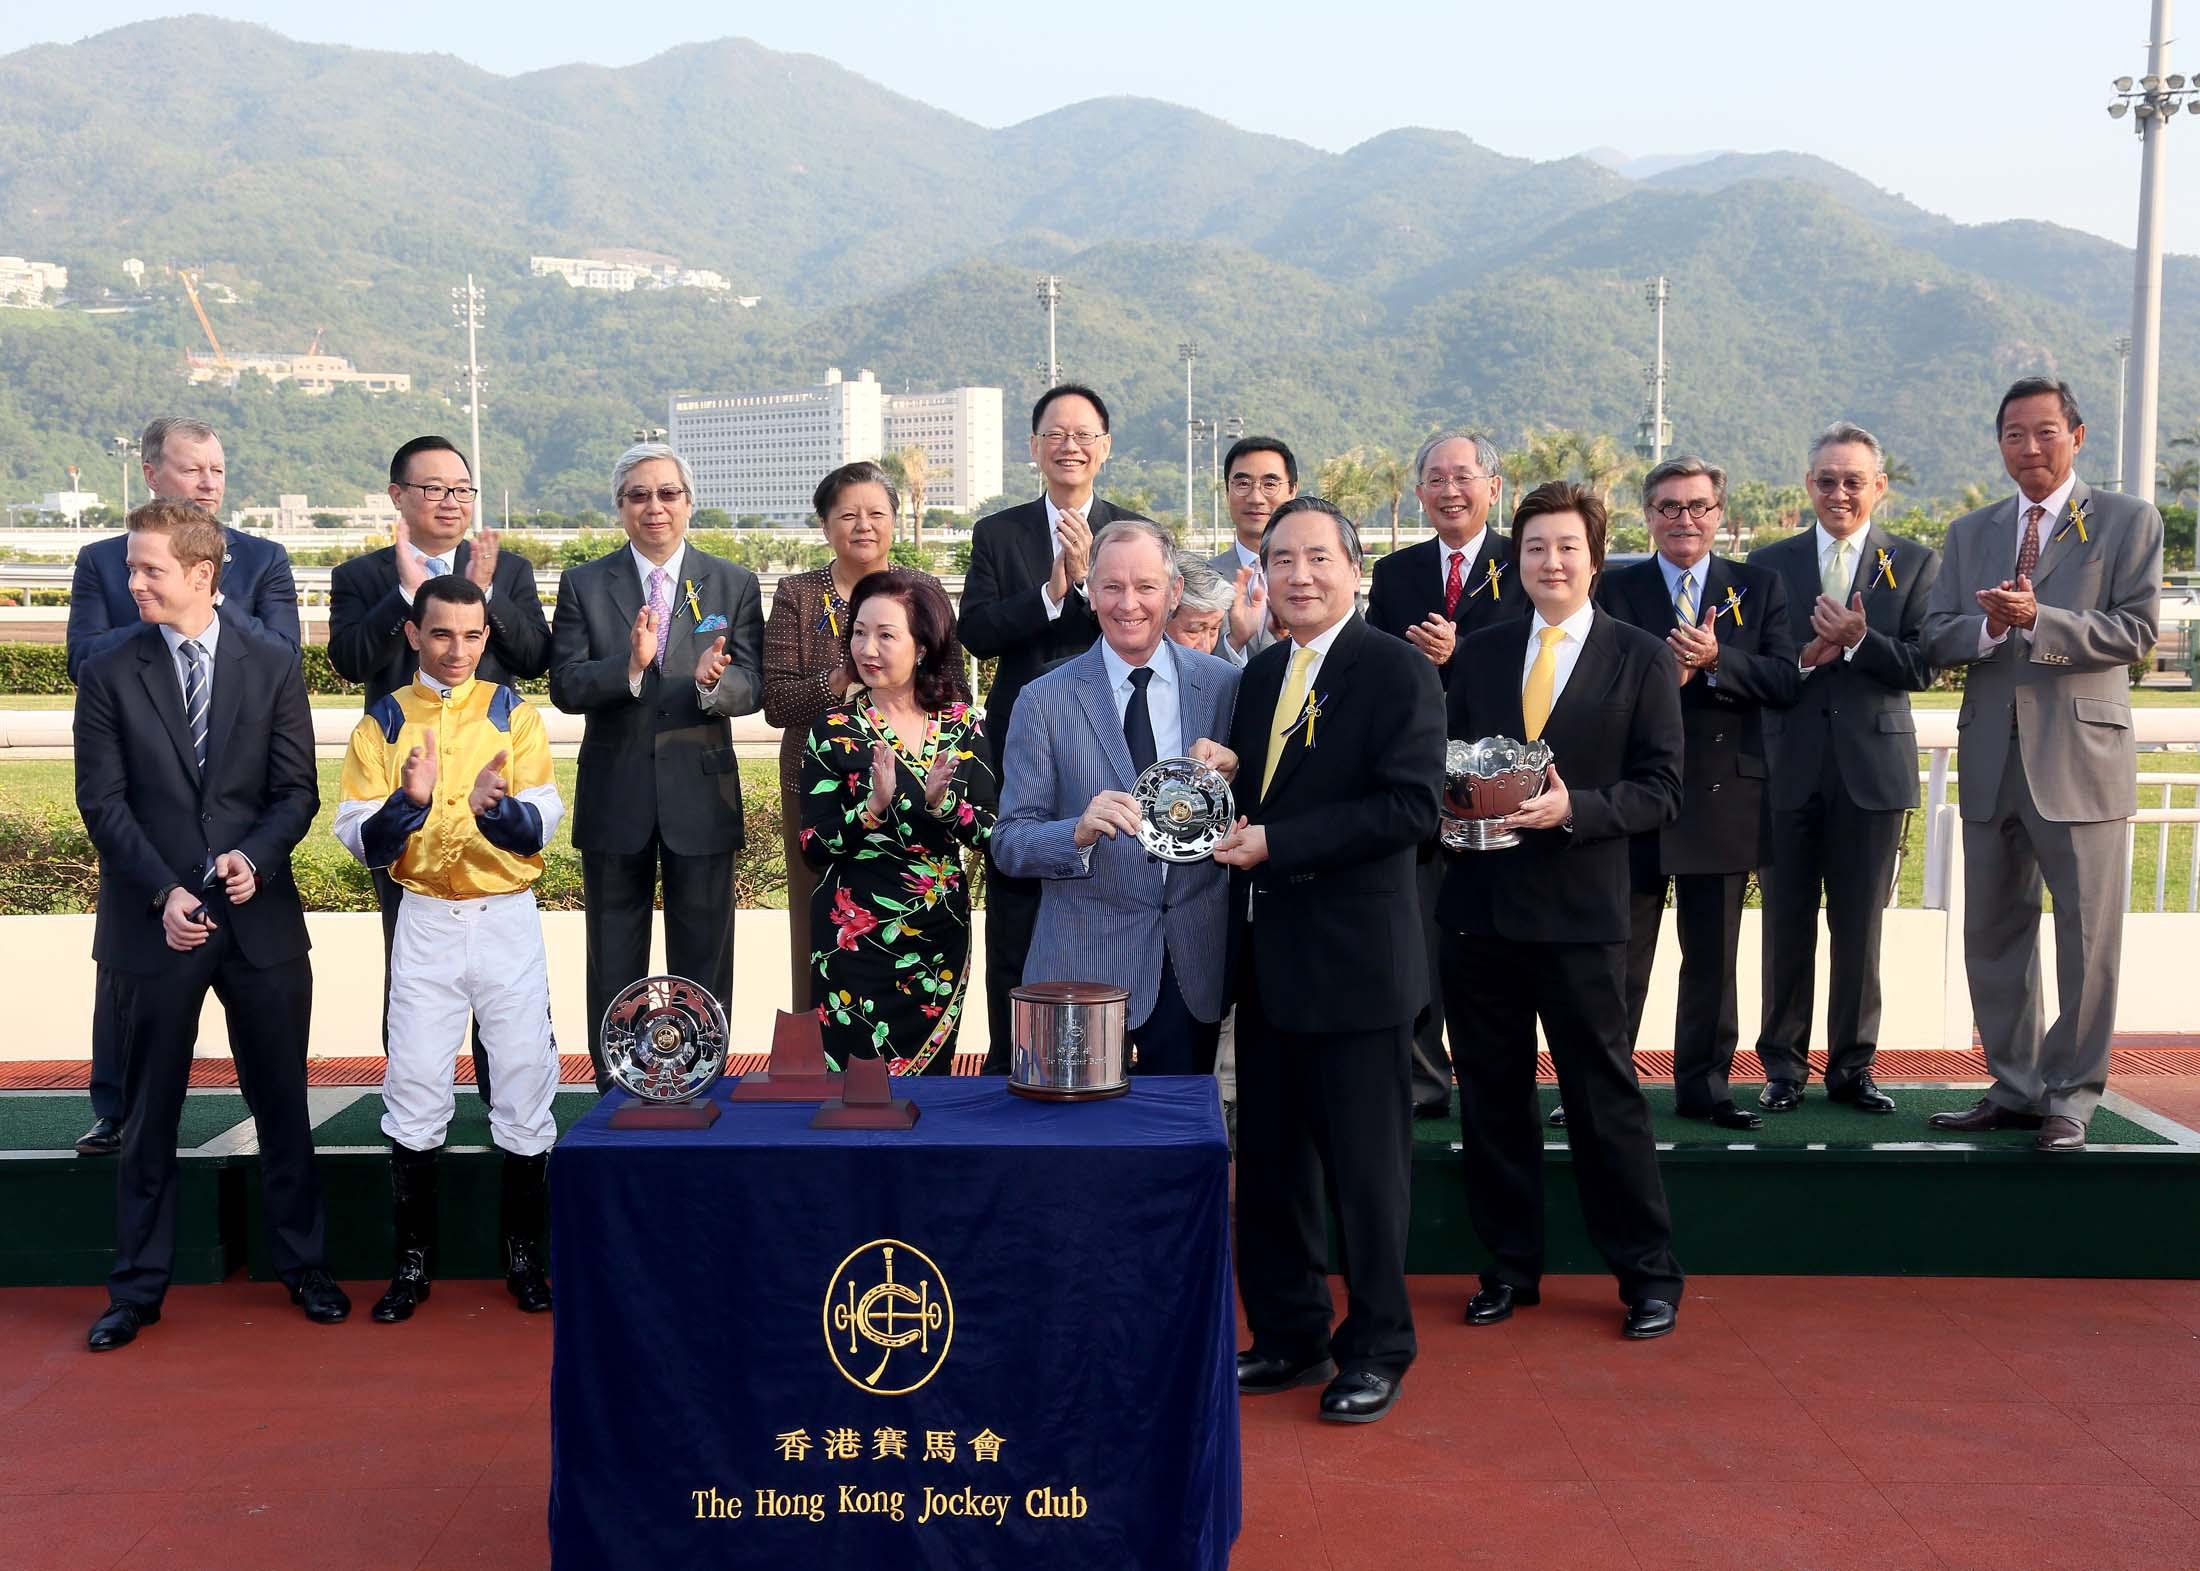 """新加坡冠军骑师莫雷拉和""""绰力之城""""登顶香港赛马精英碗大赛"""